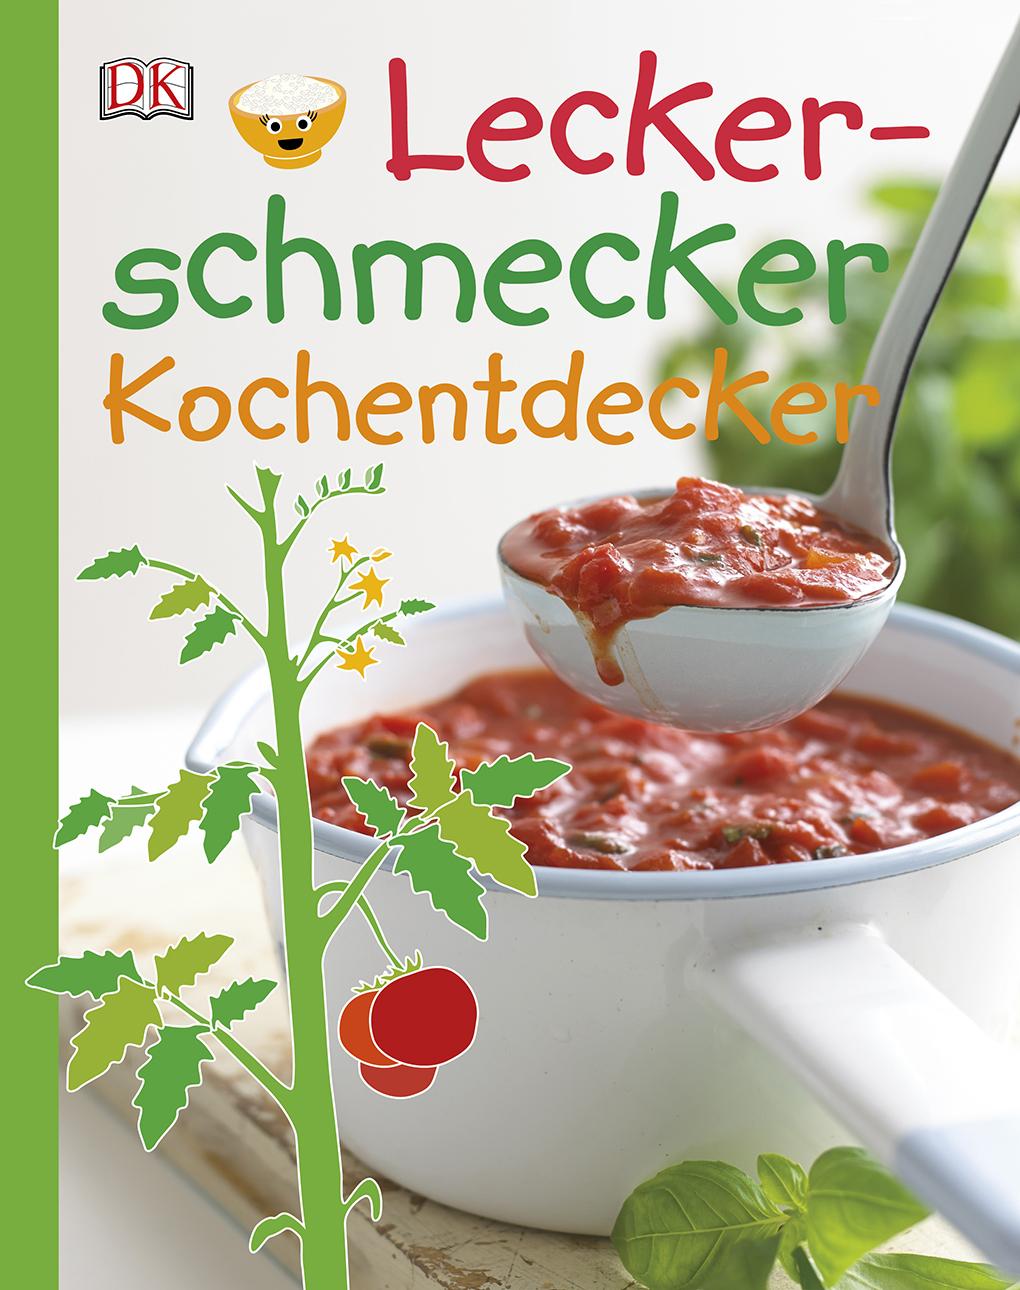 Leckerschmecker Kochentdecker 9783831029204